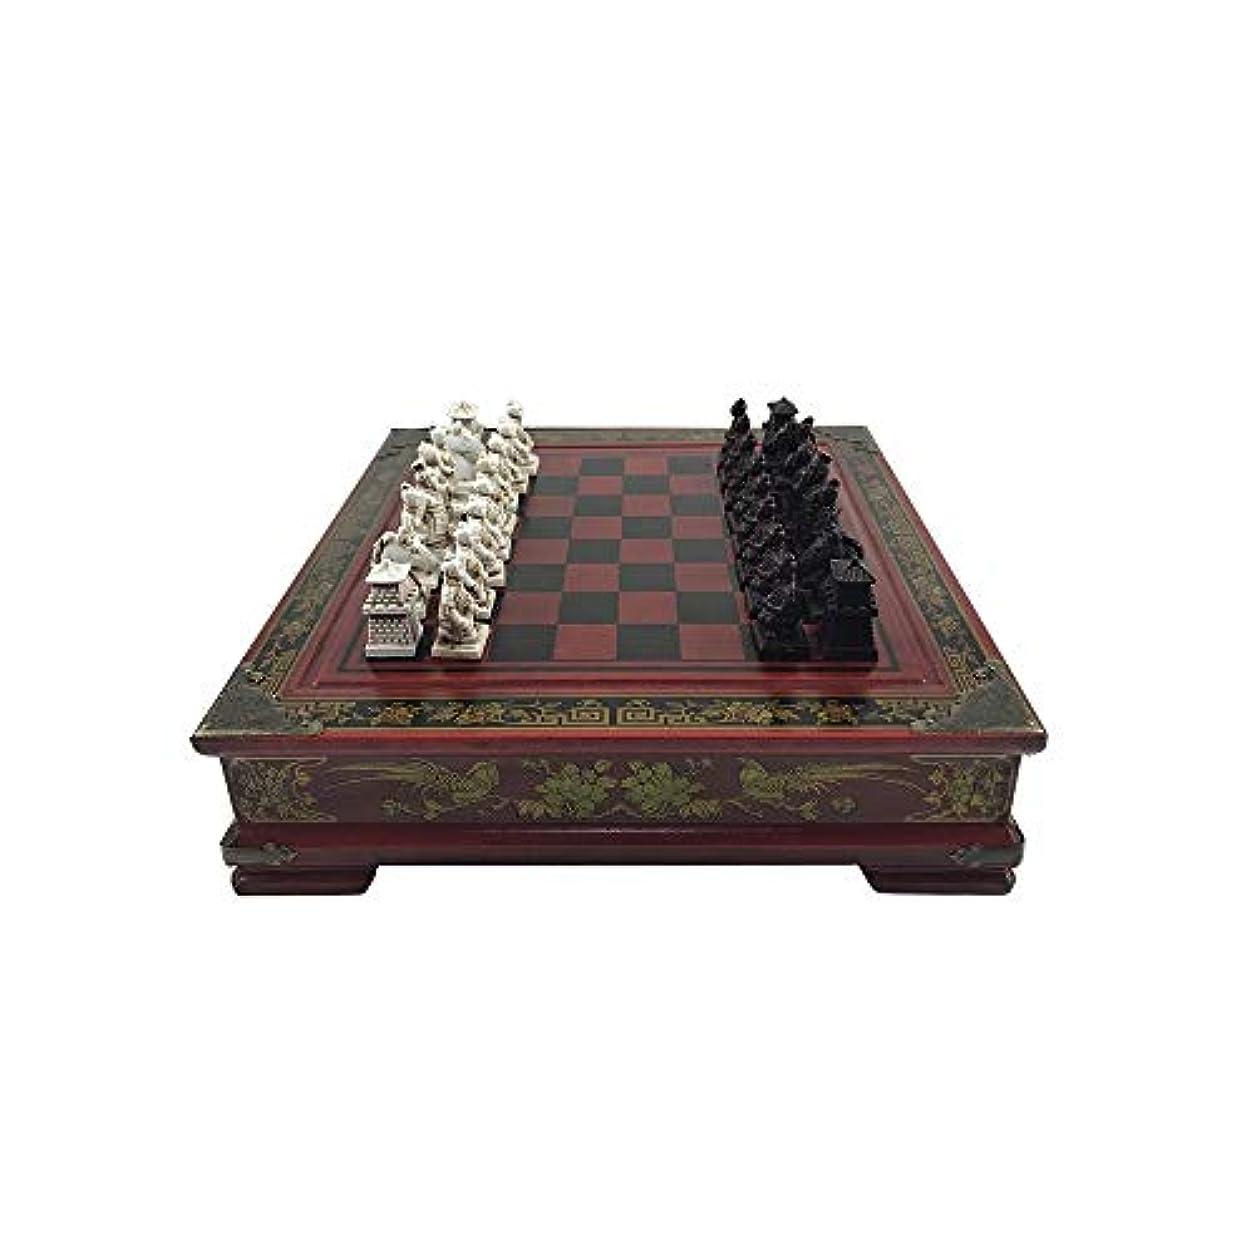 ZEYUGTIW コレクション チェス 中国 テラコッタ ウォリアーズ チェス 木彫り 樹脂製 チェスマン クリスマス 誕生日 プレミアムギフト